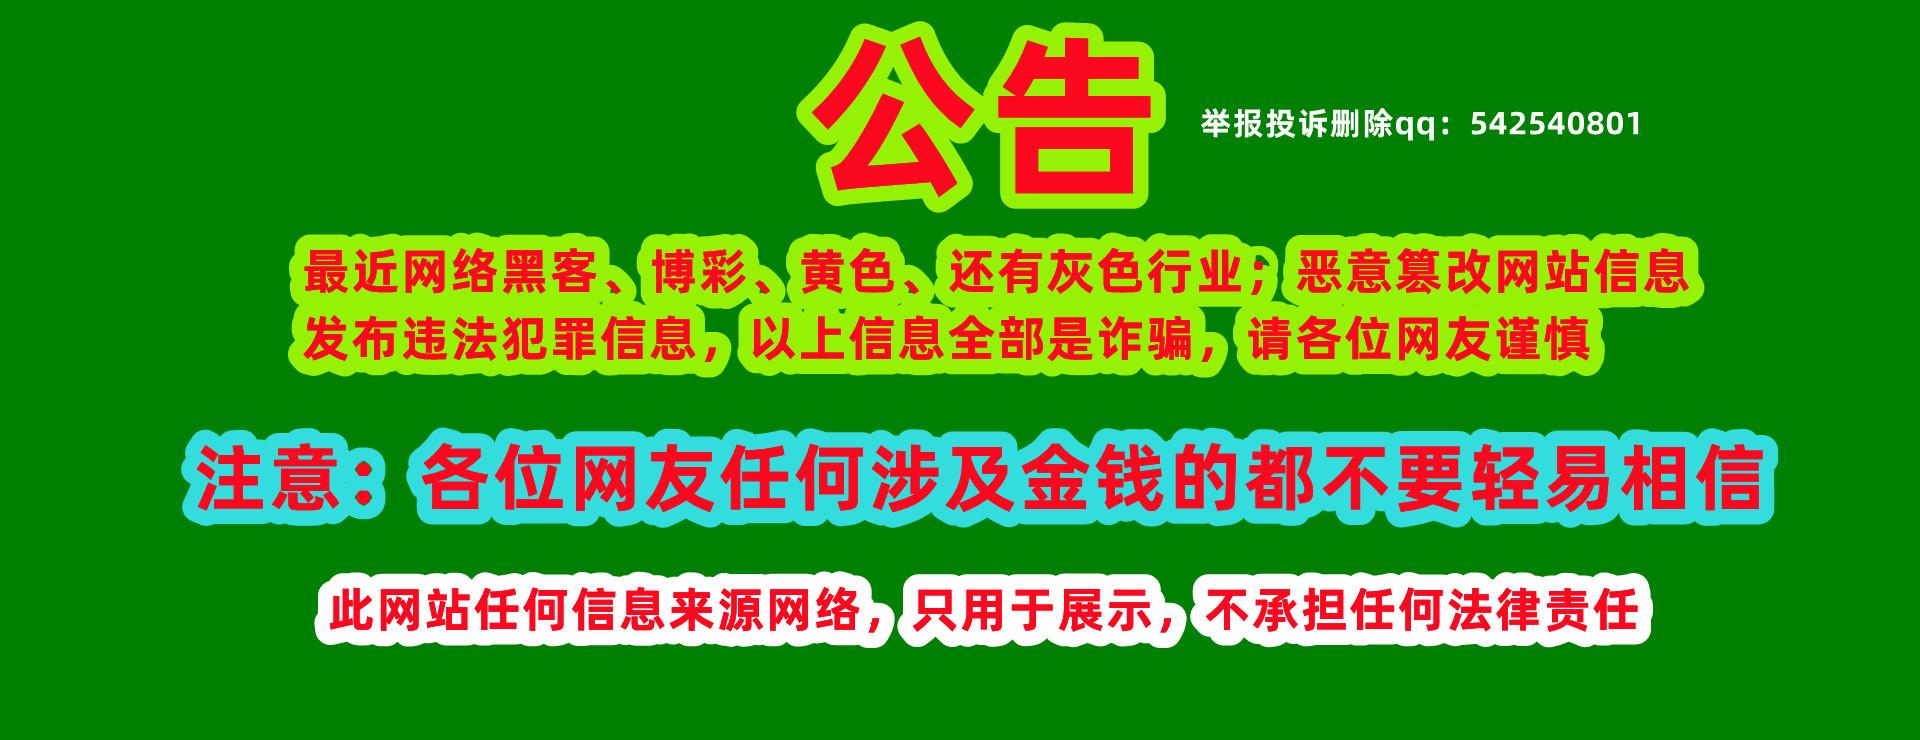 武汉网站建设,武汉网站设计,武汉网站制作,武汉网站优化,武汉seo,武汉网站建设多少钱